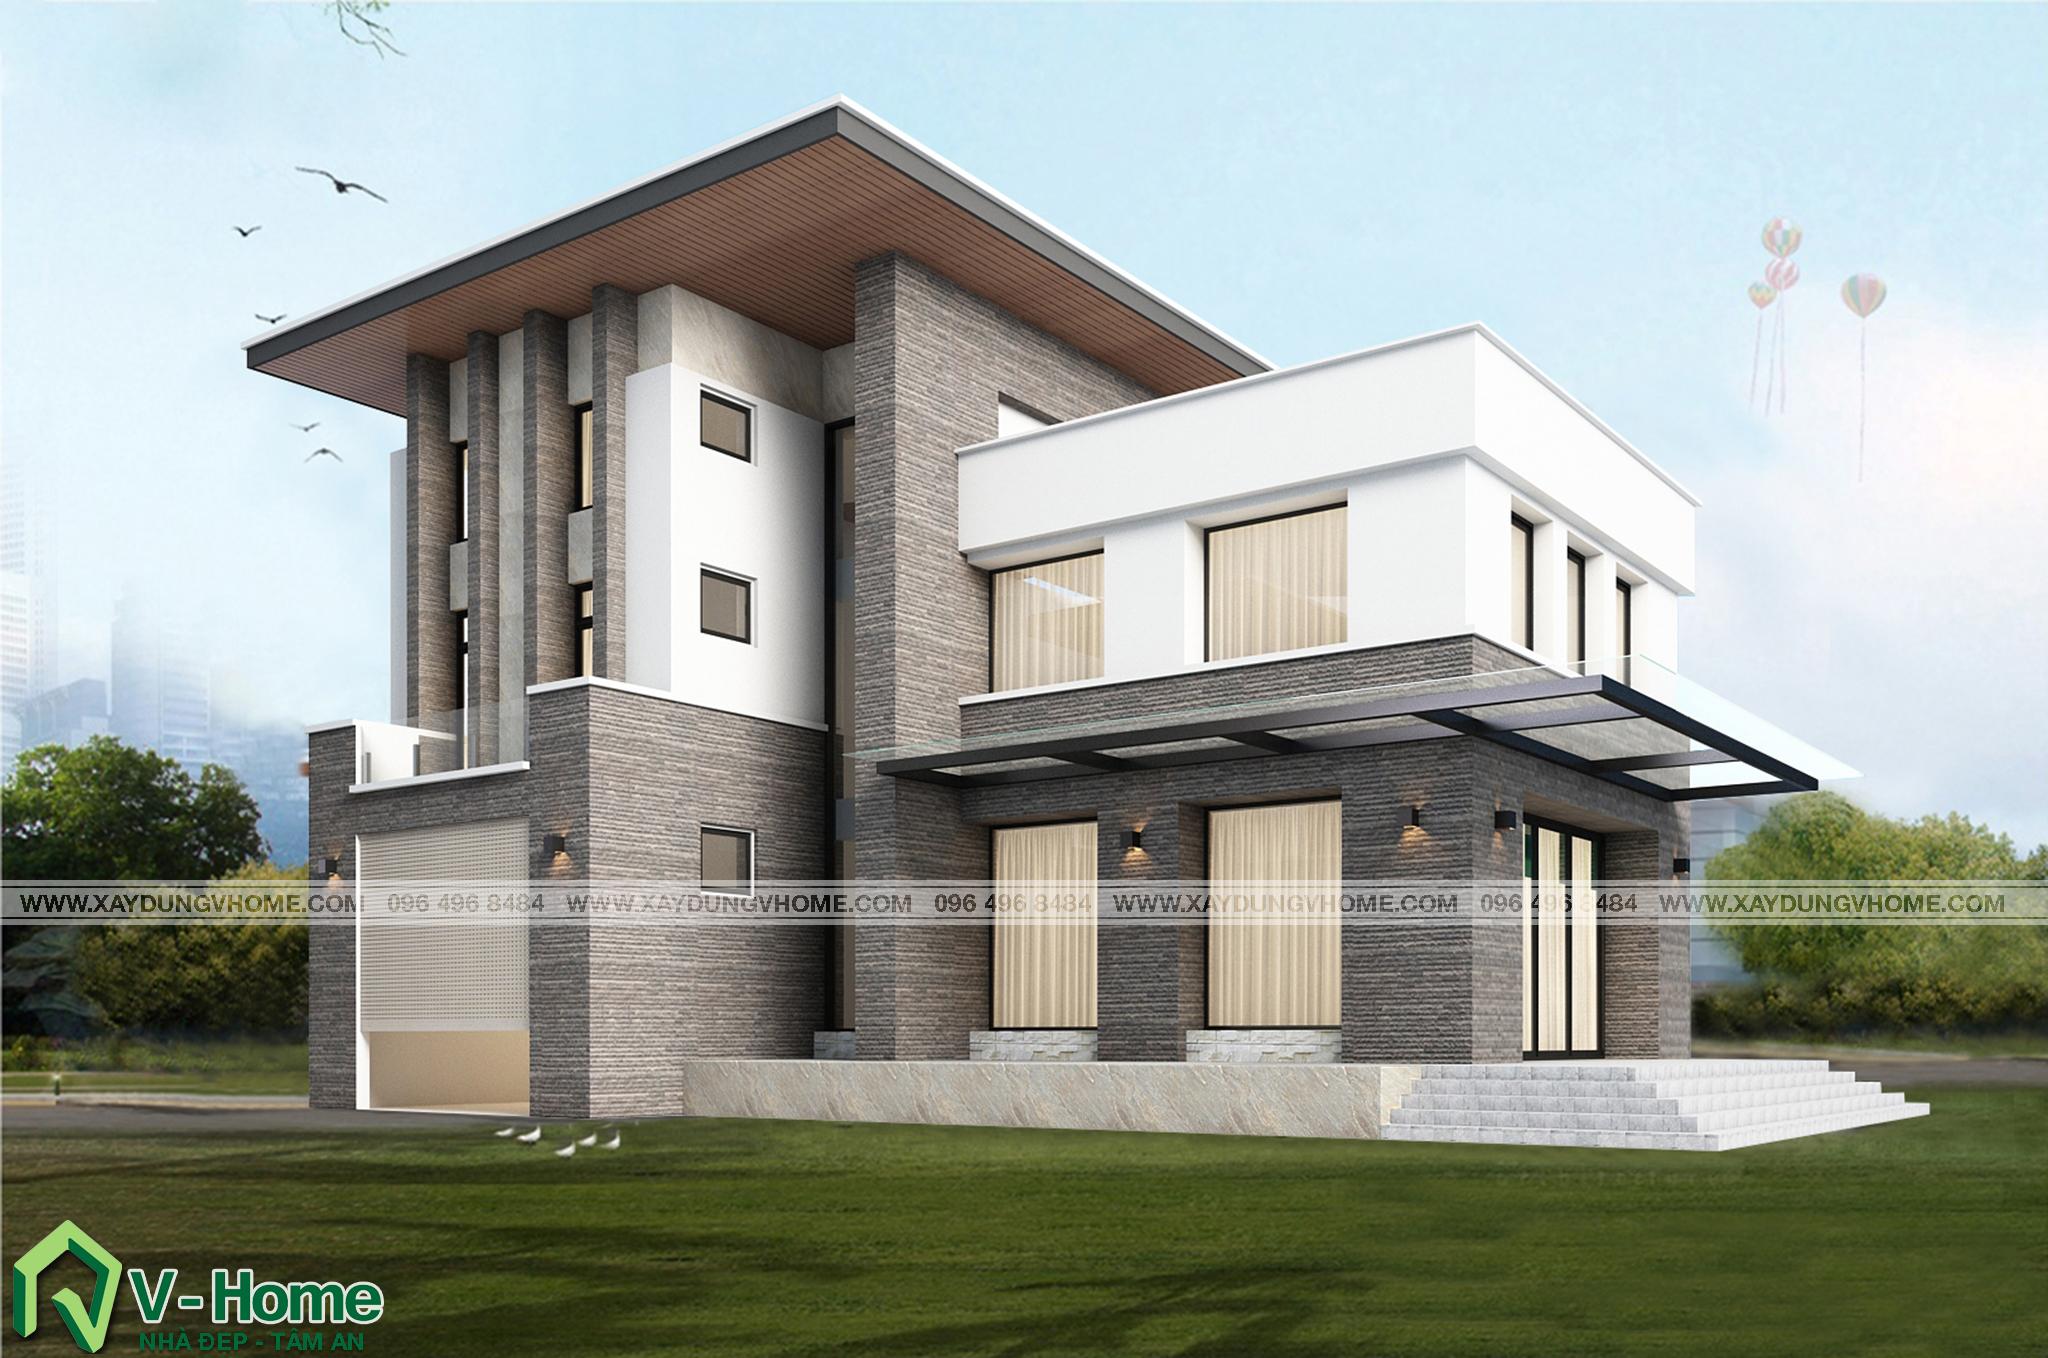 thiet-ke-biet-thu-hien-dai-2-1 Thiết kế Biệt thự hiện đại tại Vĩnh Phúc - C. Huyền